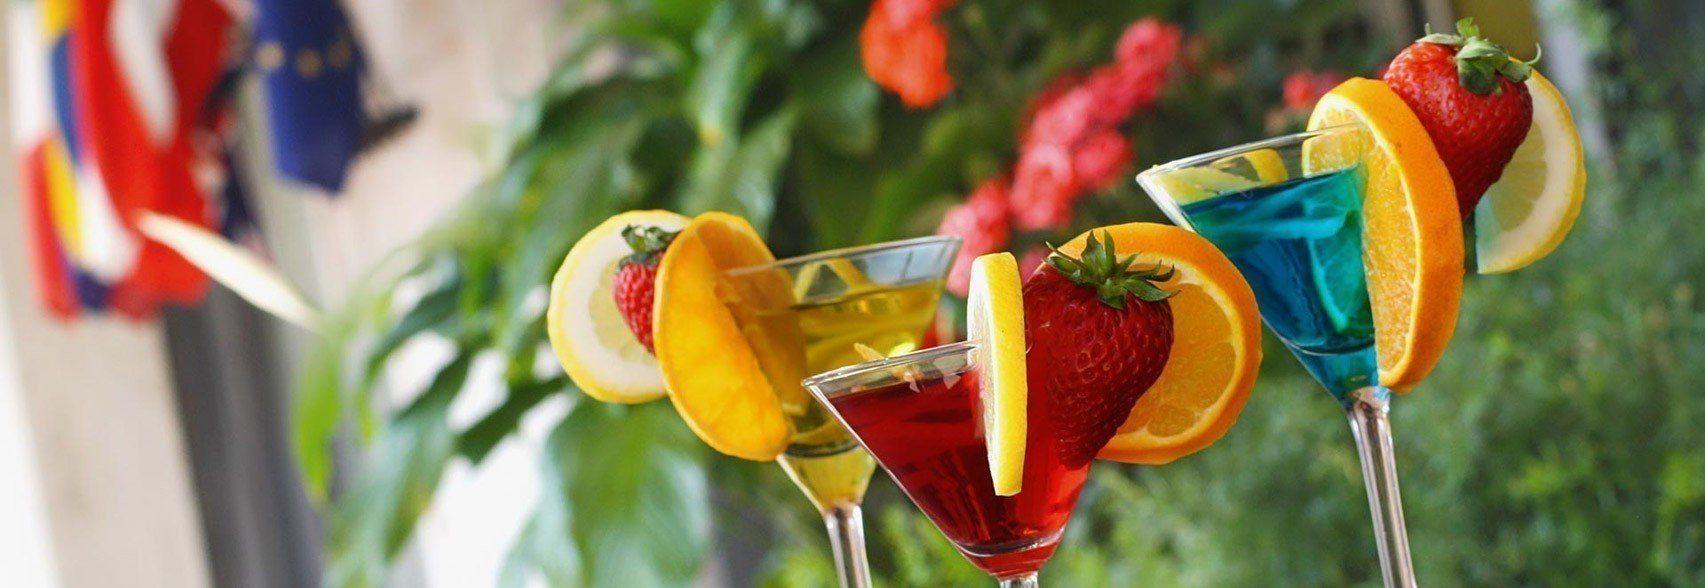 Piccolo Hotel cocktail